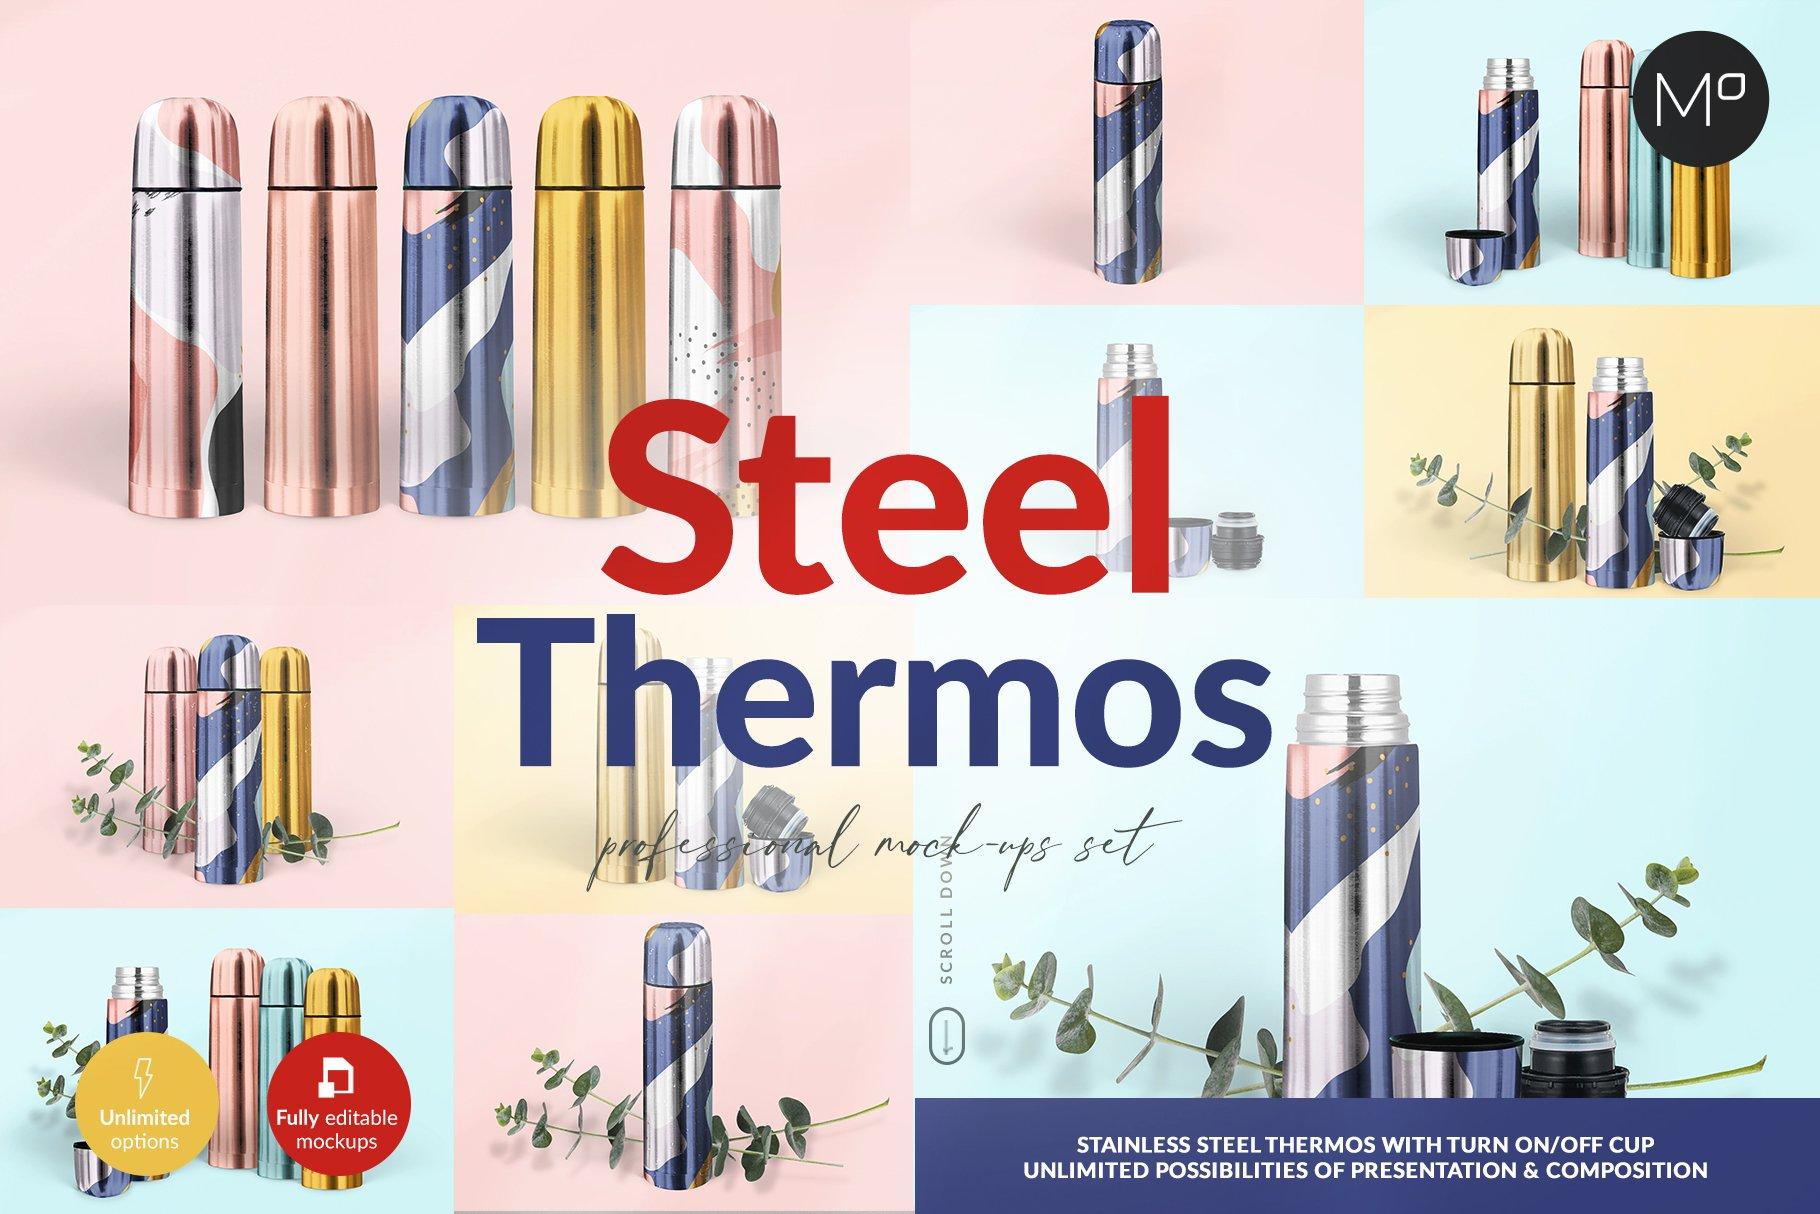 金属不锈钢保温壶设计展示贴图样机模板 Steel Thermos Mock-ups插图